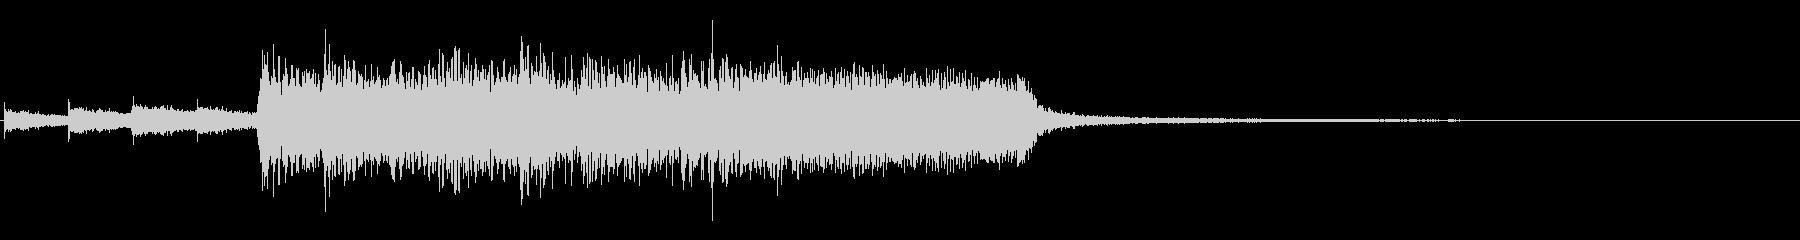 結果発表、順位発表 ROCKバージョンの未再生の波形